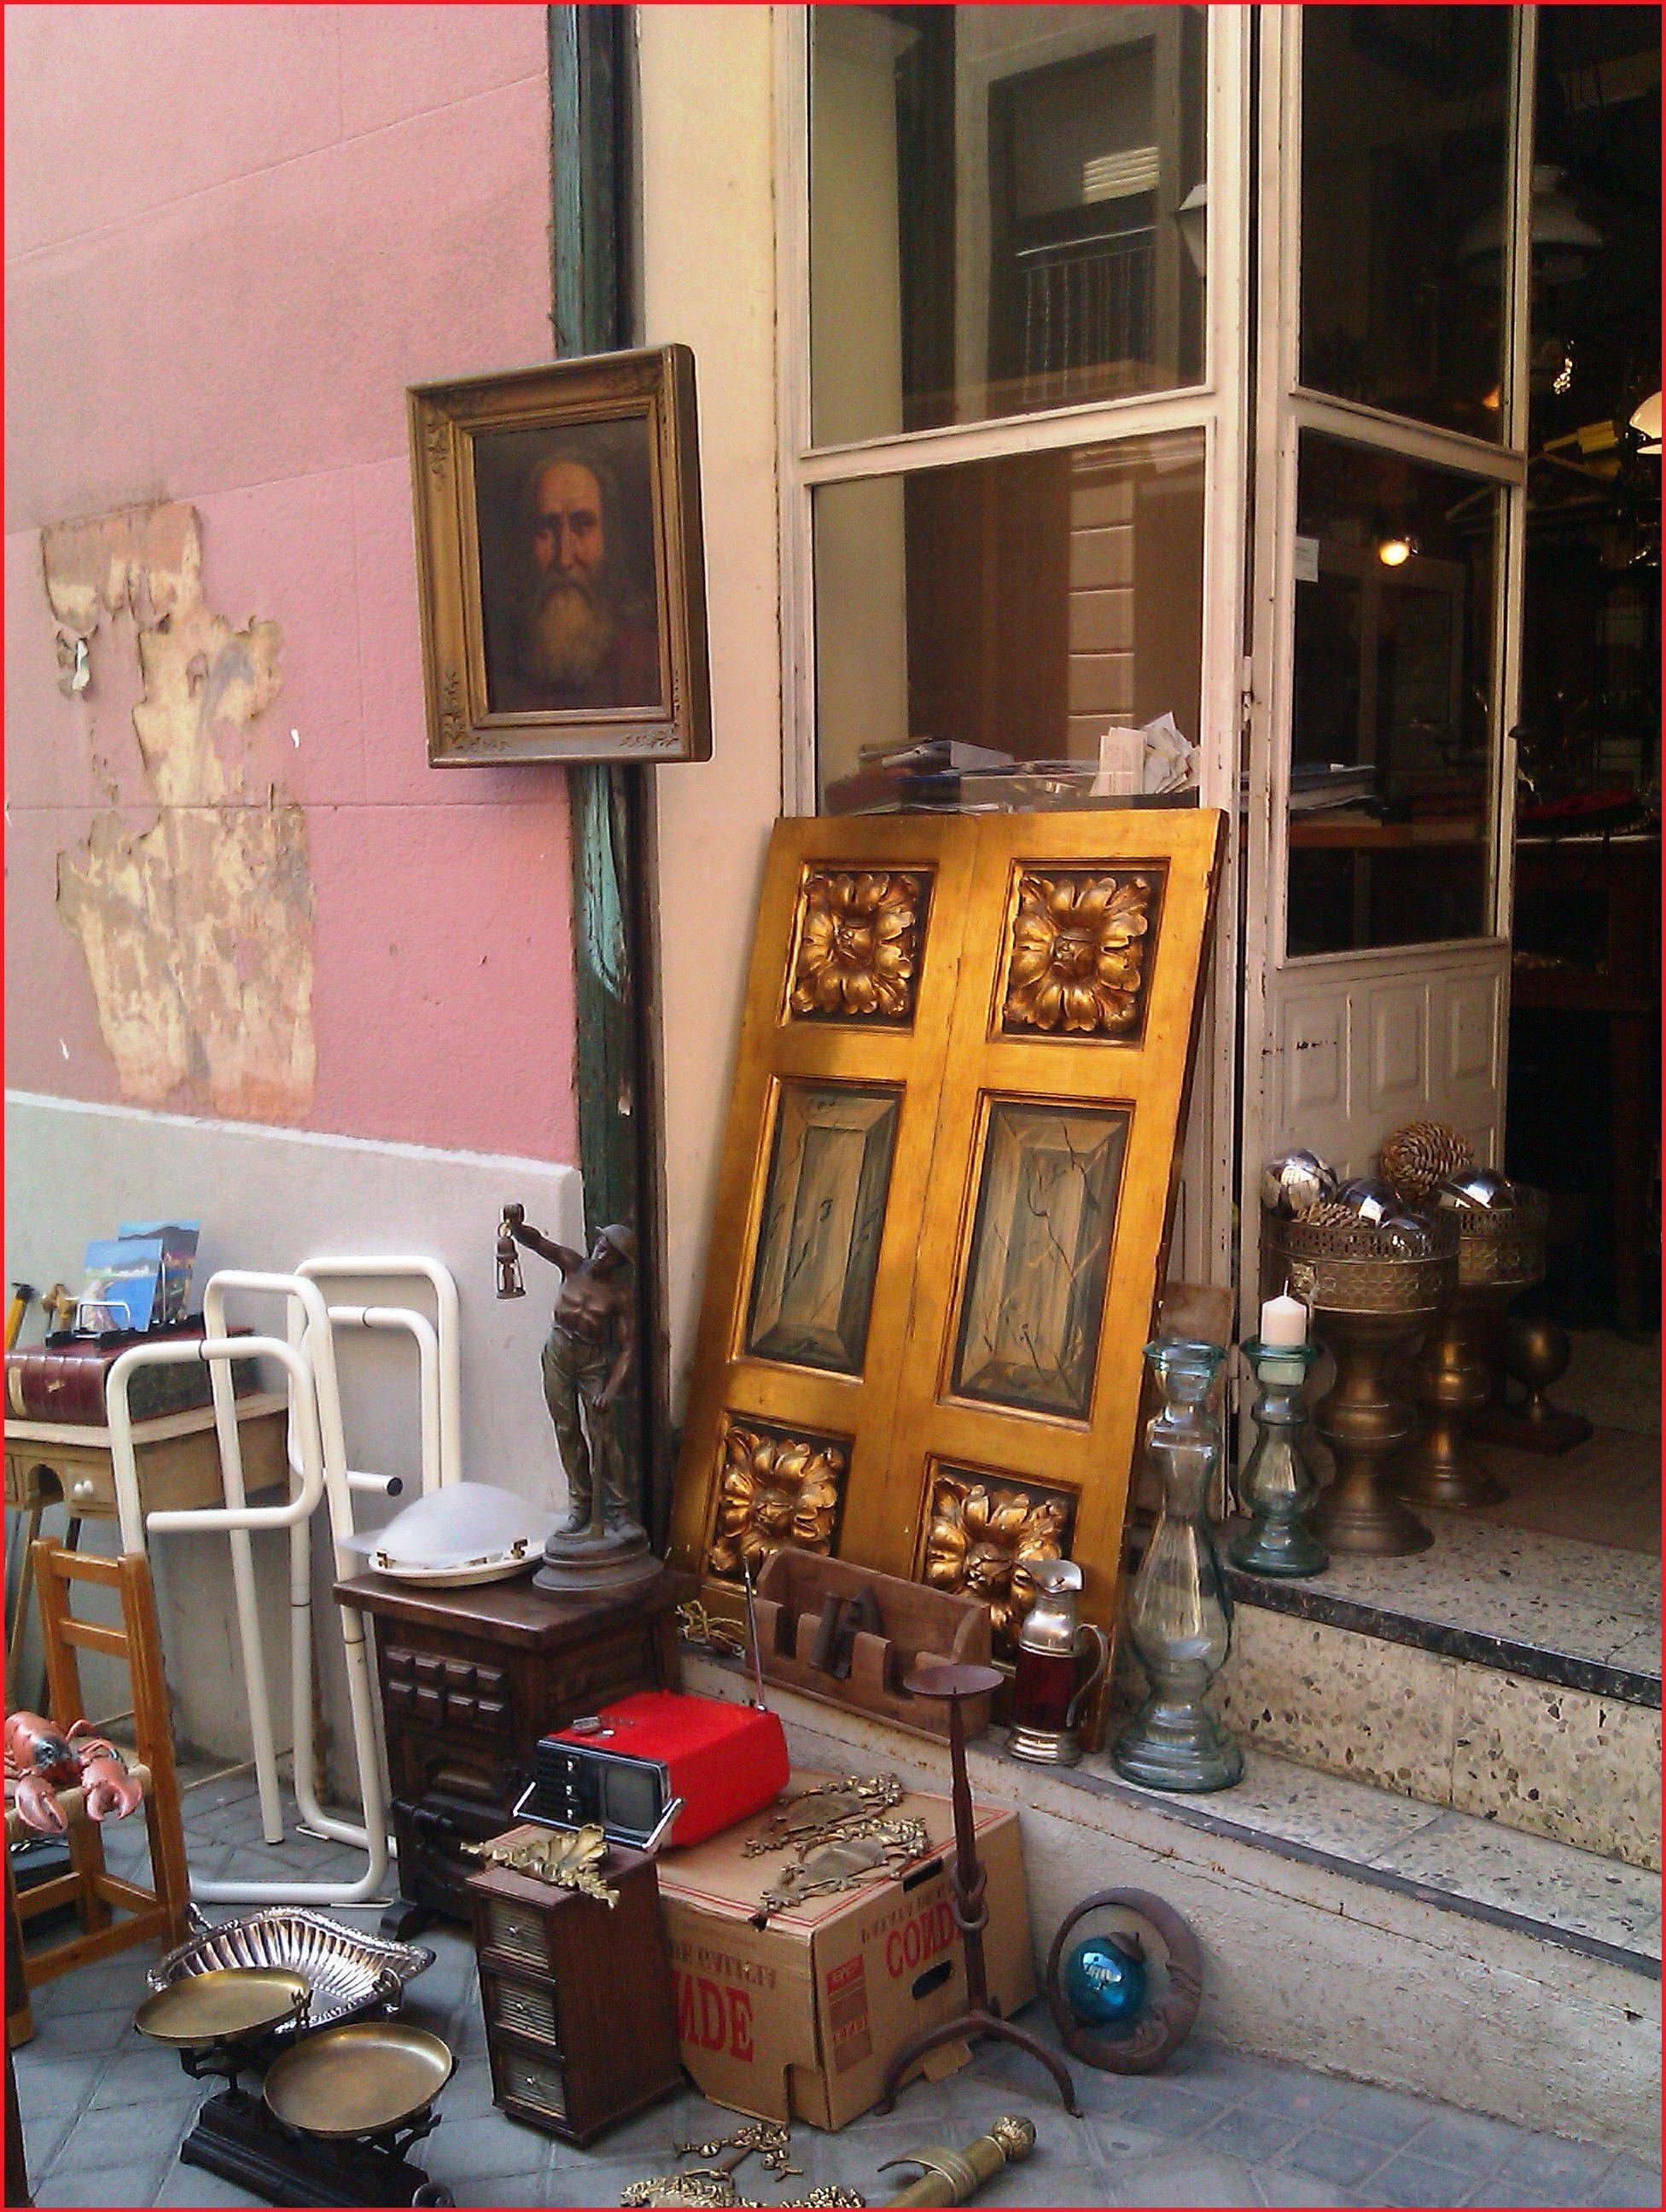 El Desvan Del Mueble Usado Drdp O Vender Muebles Antiguos Que Hacer Con Los Muebles Usados